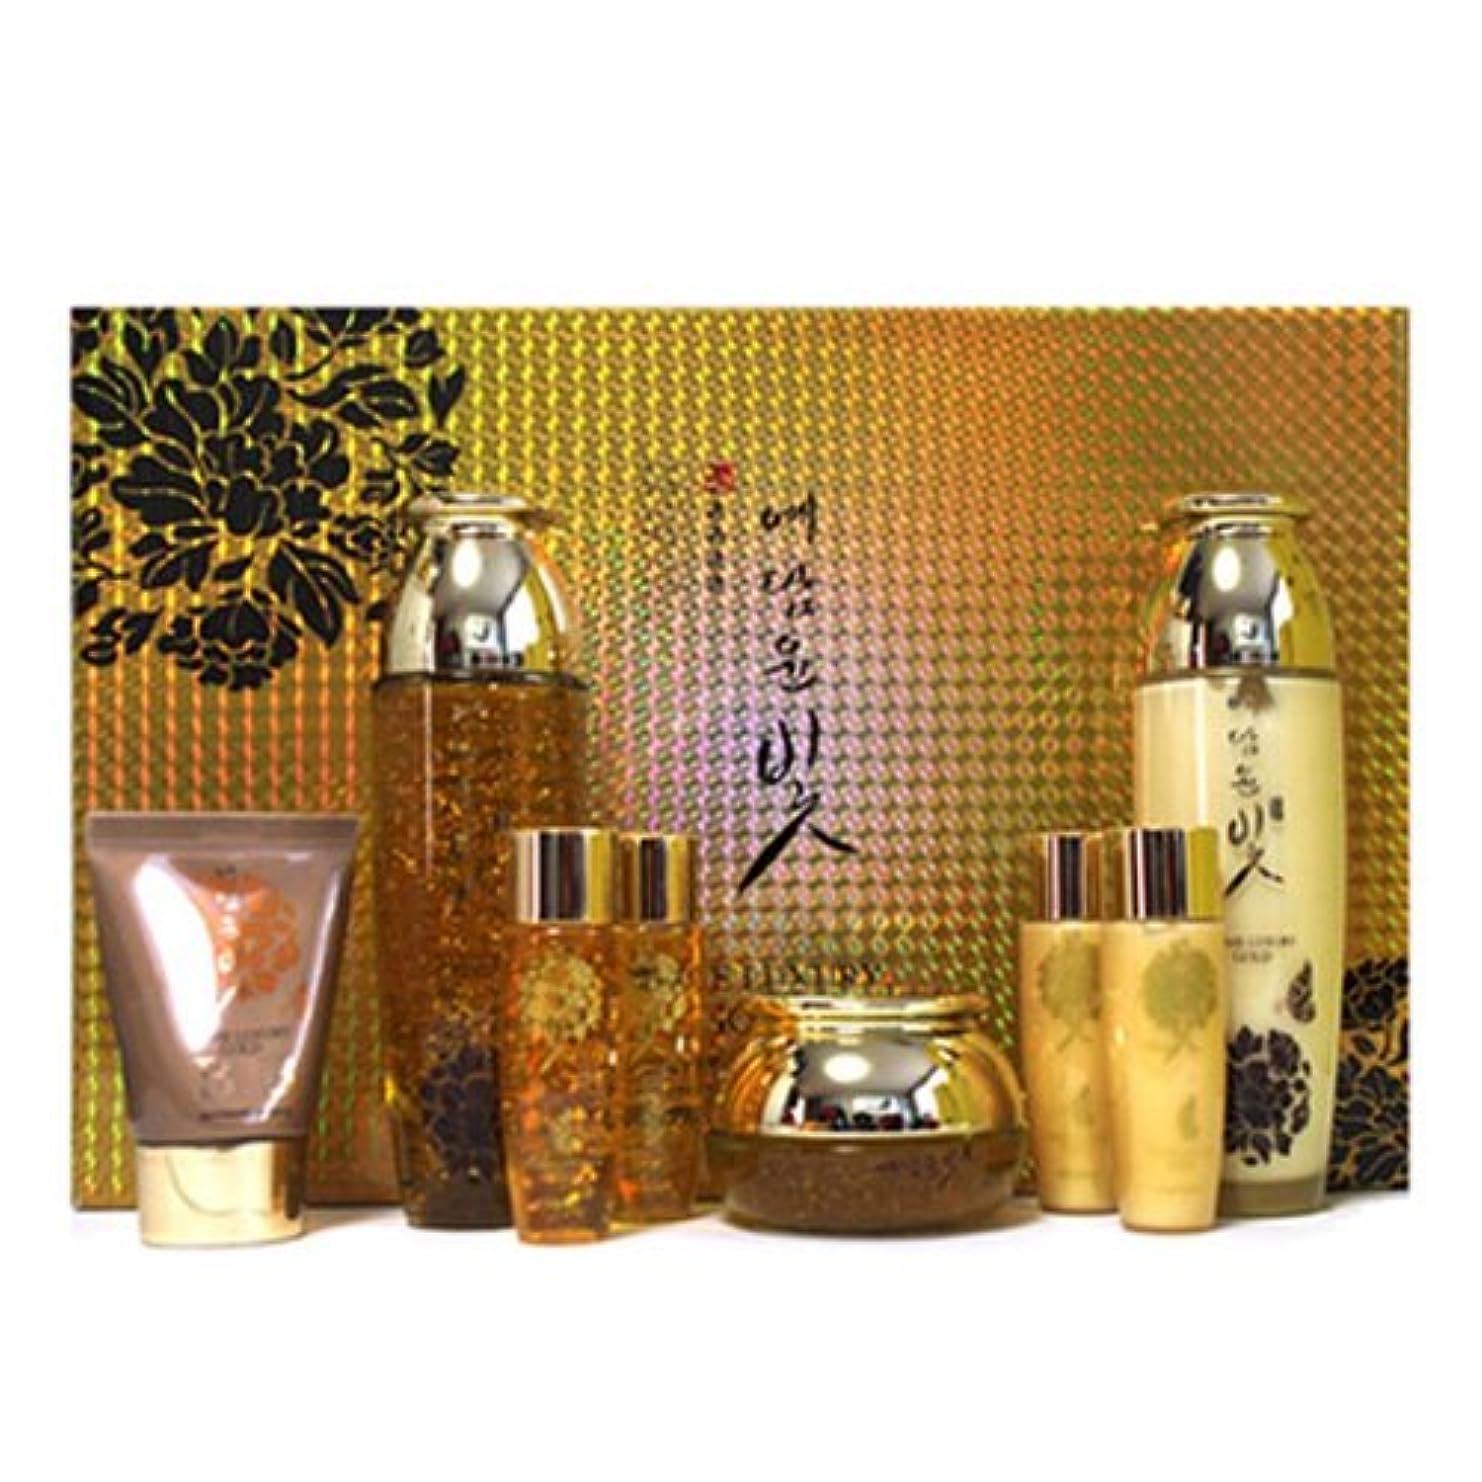 切り刻む幸運長くするイェダムユンビト[韓国コスメYedam Yun Bit]Prime Luxury Gold Skin Care Set プライムラグジュアリーゴールドスキンケア4セット 樹液 乳液 クリーム/ BBクリーム [並行輸入品]